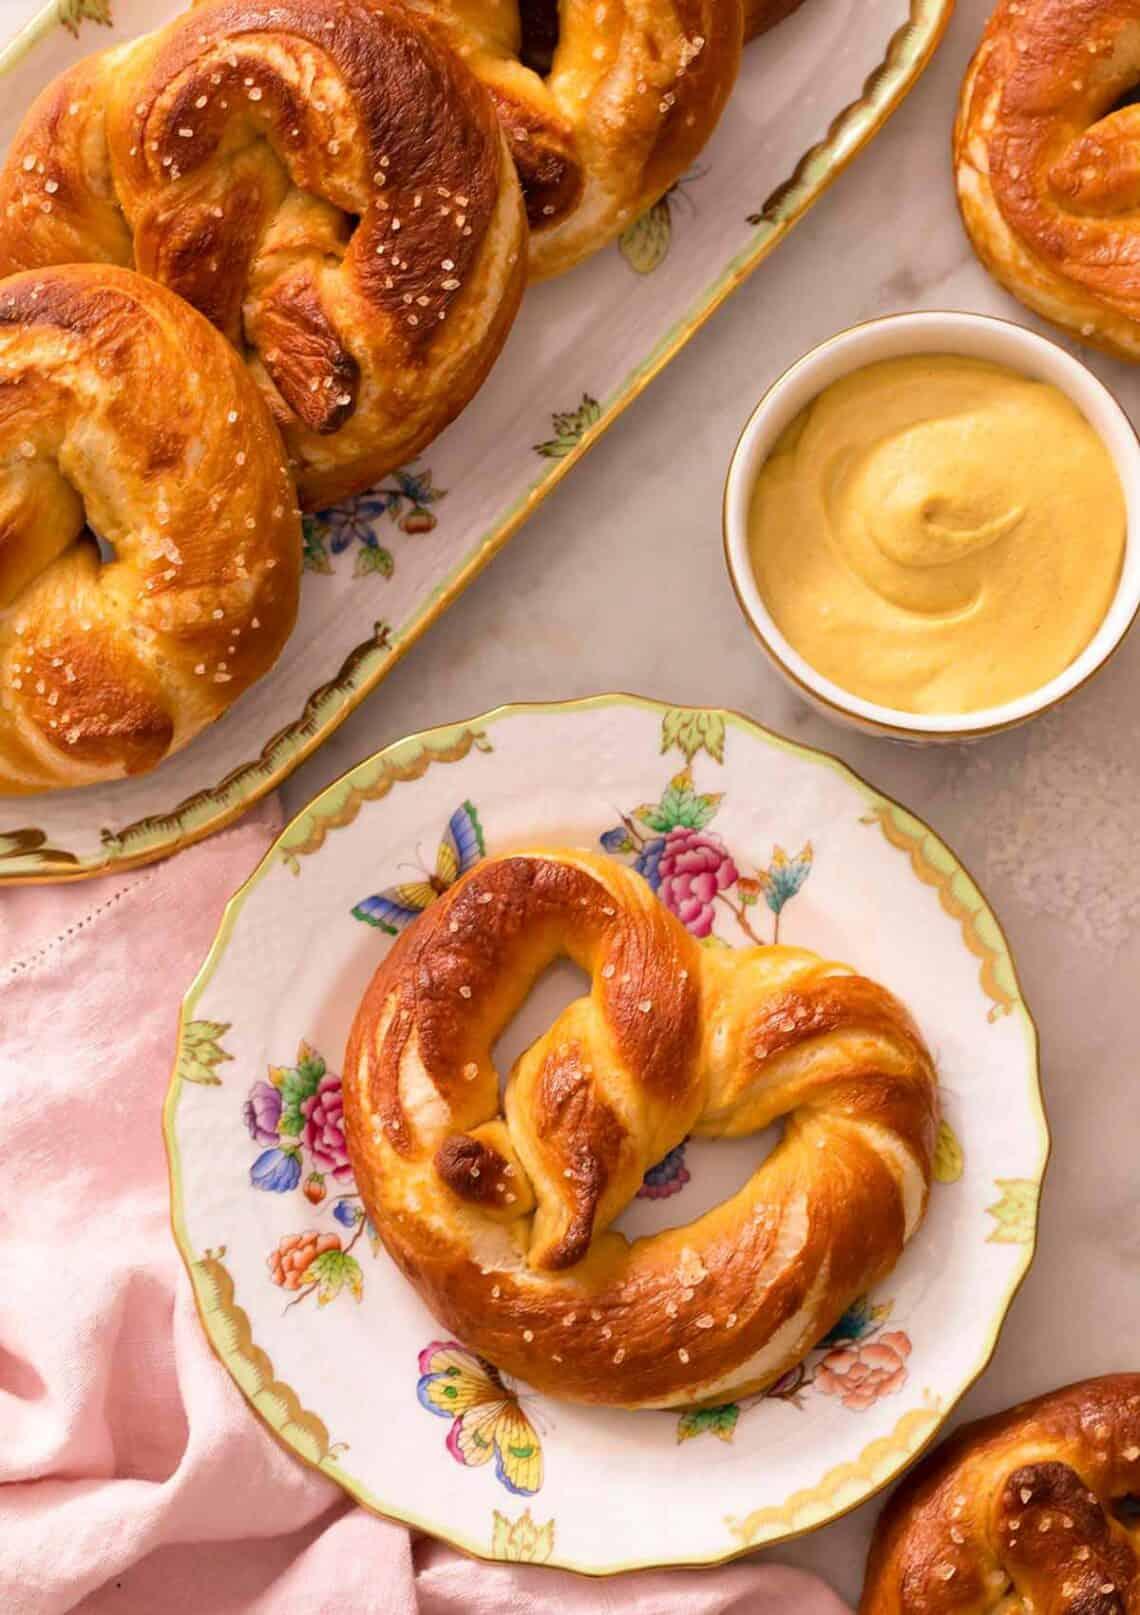 An overhead shot of a soft pretzel on a plate next to mustard